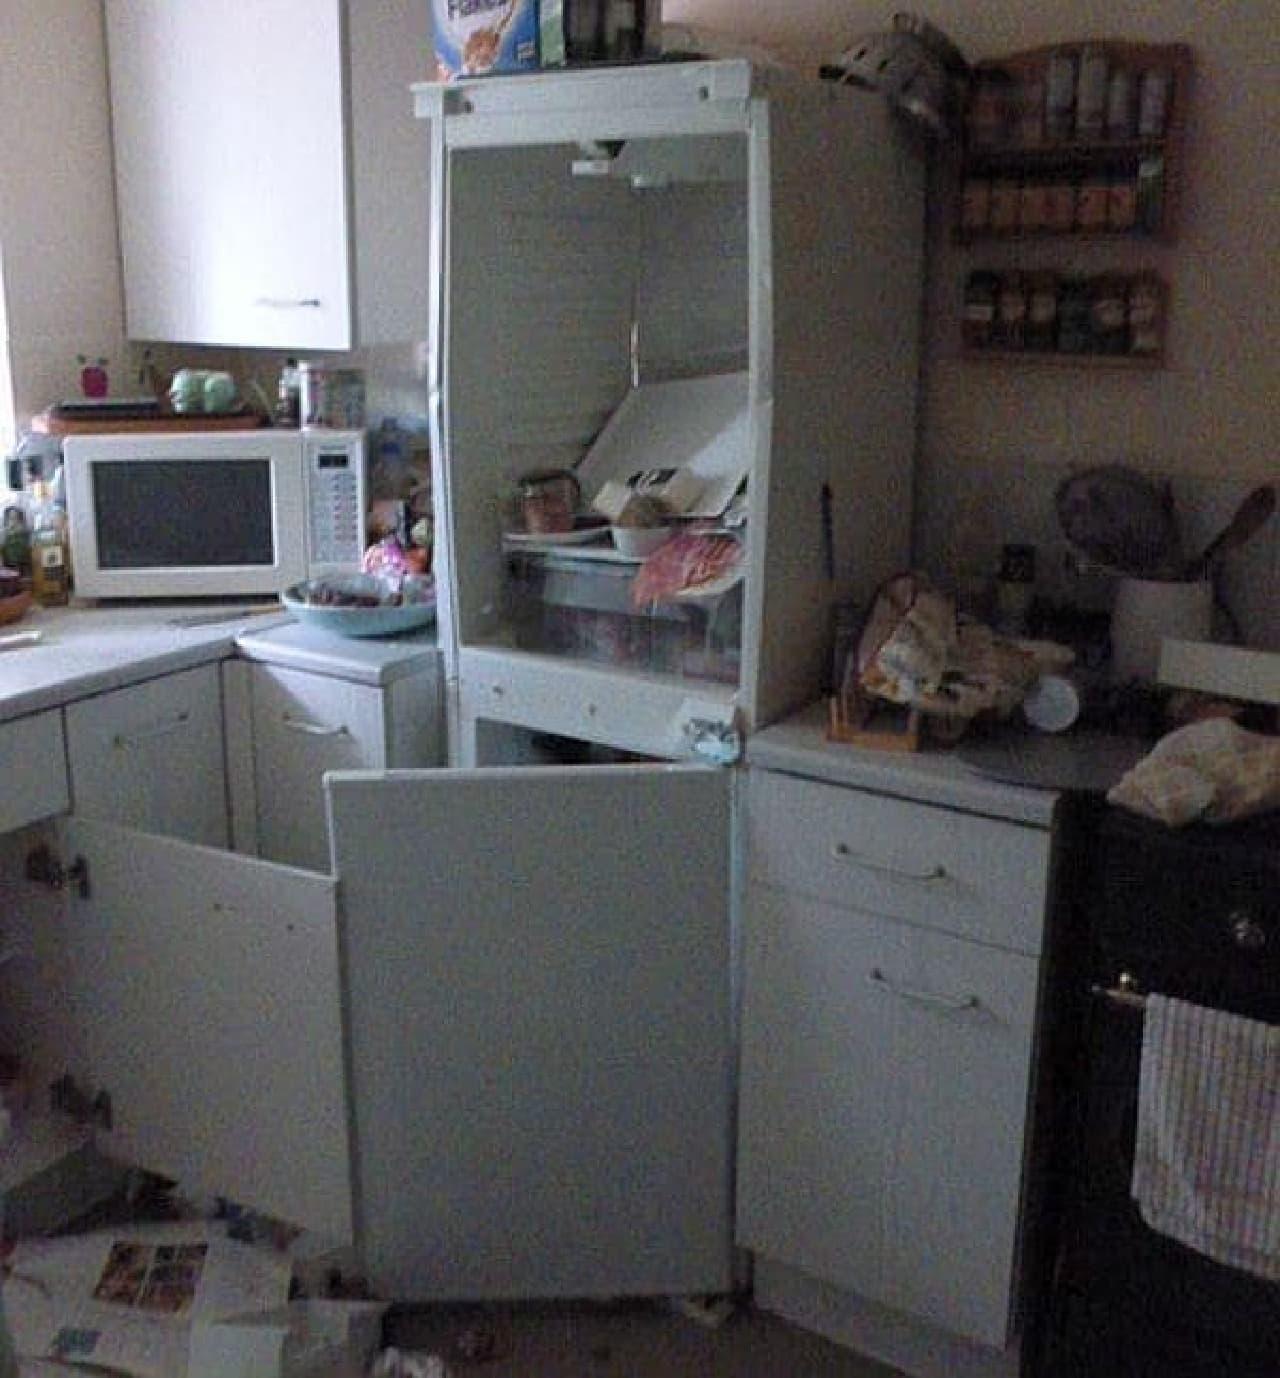 チャツネの爆発で、ドアが吹き飛んだ冷蔵庫(出典:The Sun)